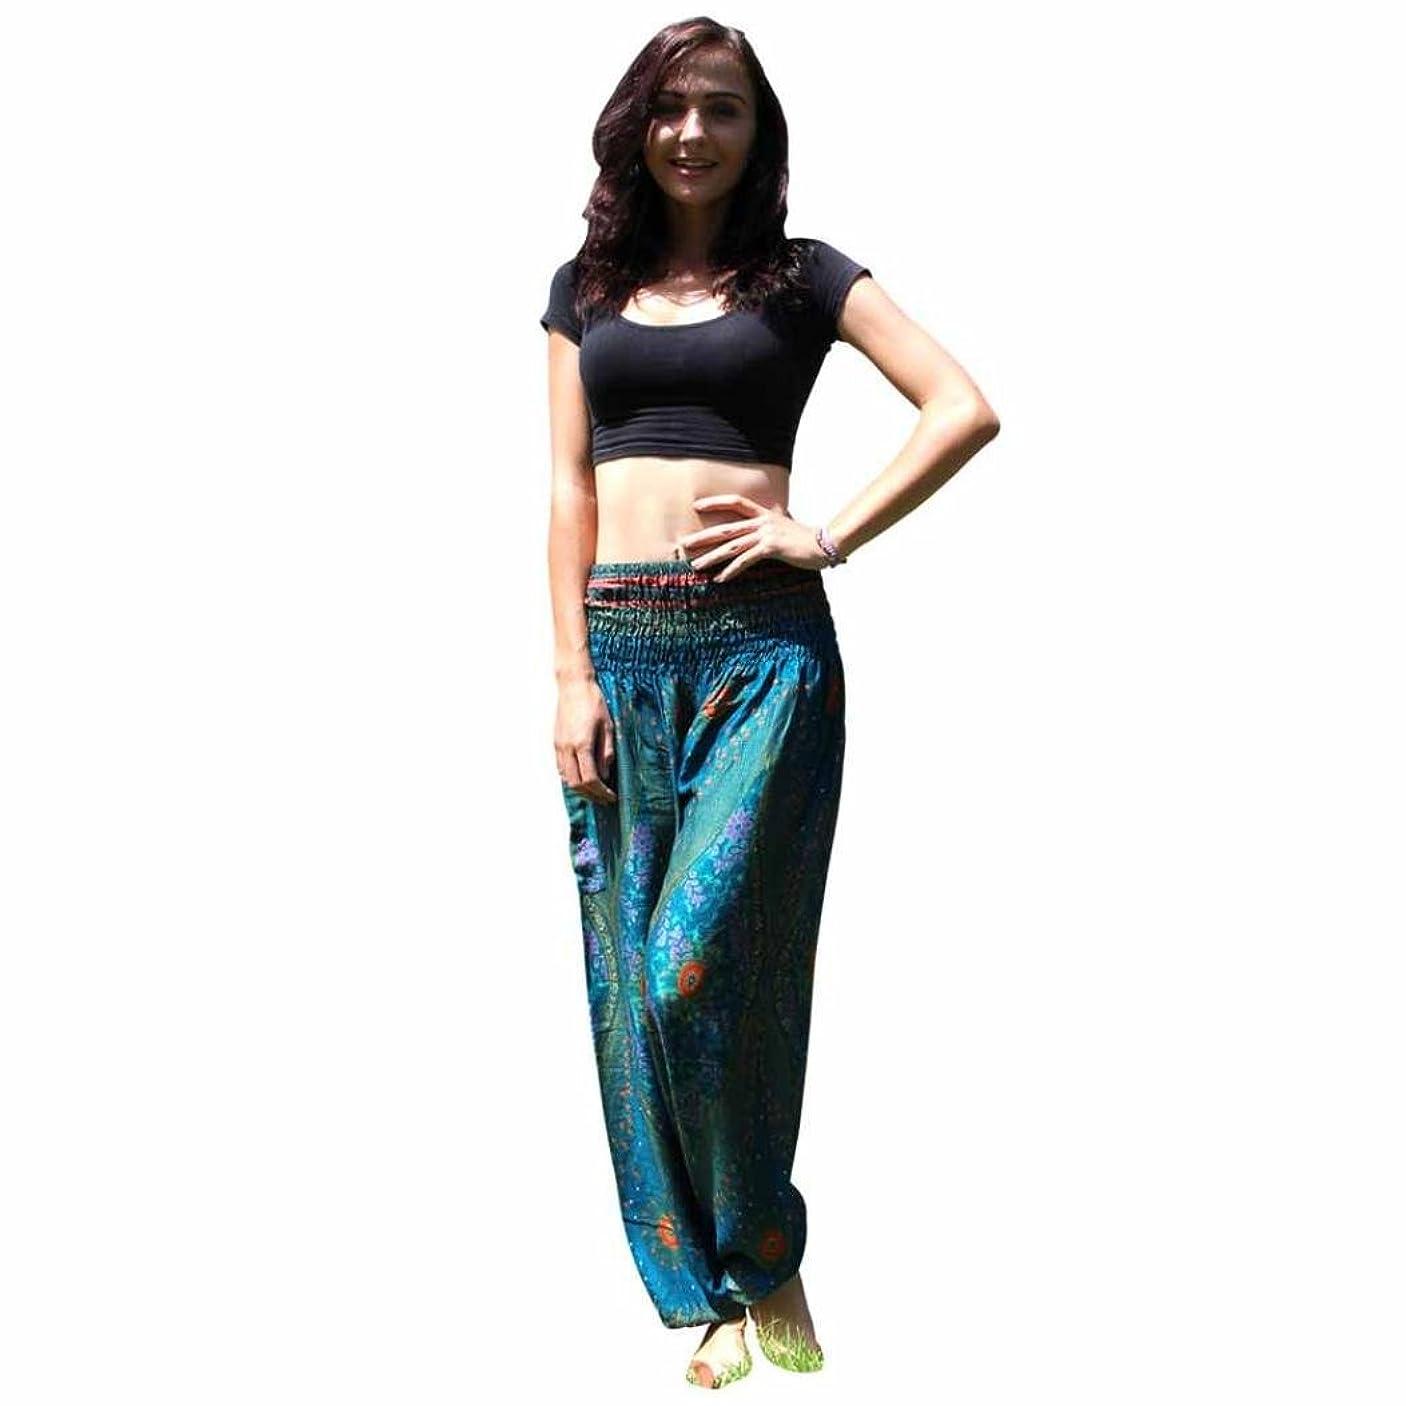 怒り言語虚偽Mhomzawa パンツ男性女性タイのハレムのズボンフェスティバルヒッピーのスモックハイウエストのパンツのタイハーレムヨガ?パンツ